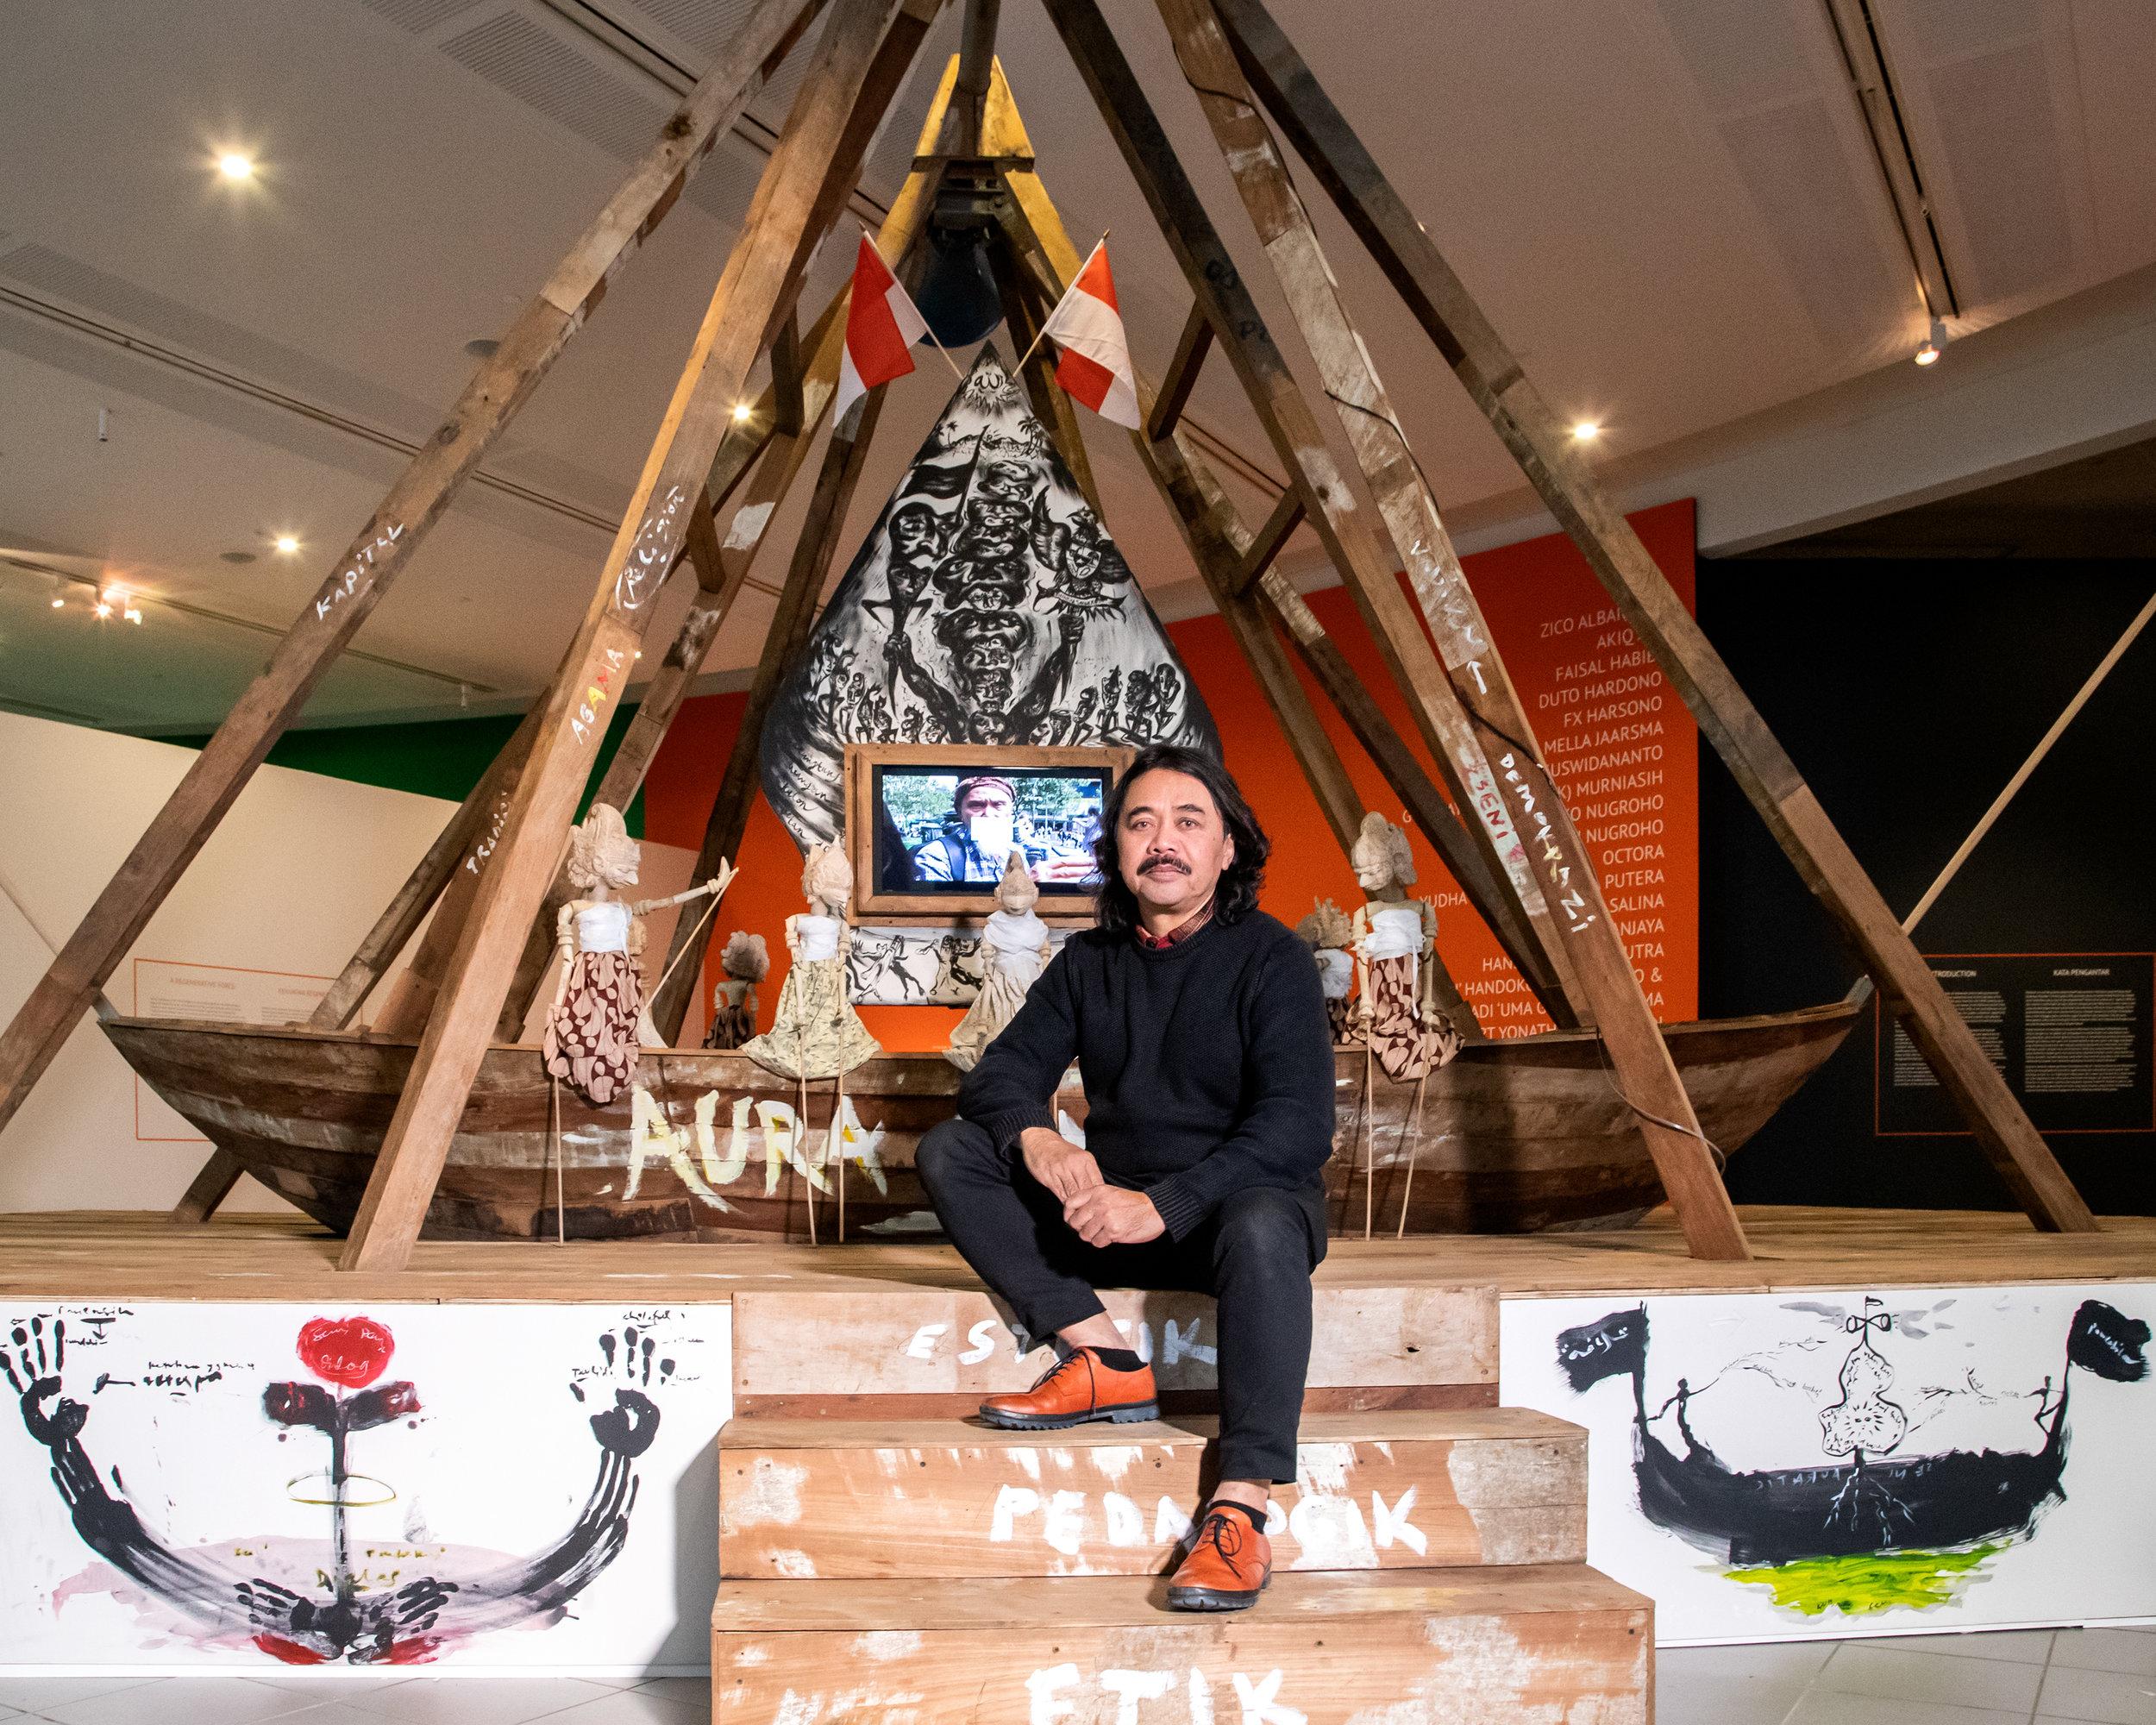 Artist  Tisna Sanjaya  with his work  (Seni penjernih dialog (Art as purifying dialogue)  (2019)